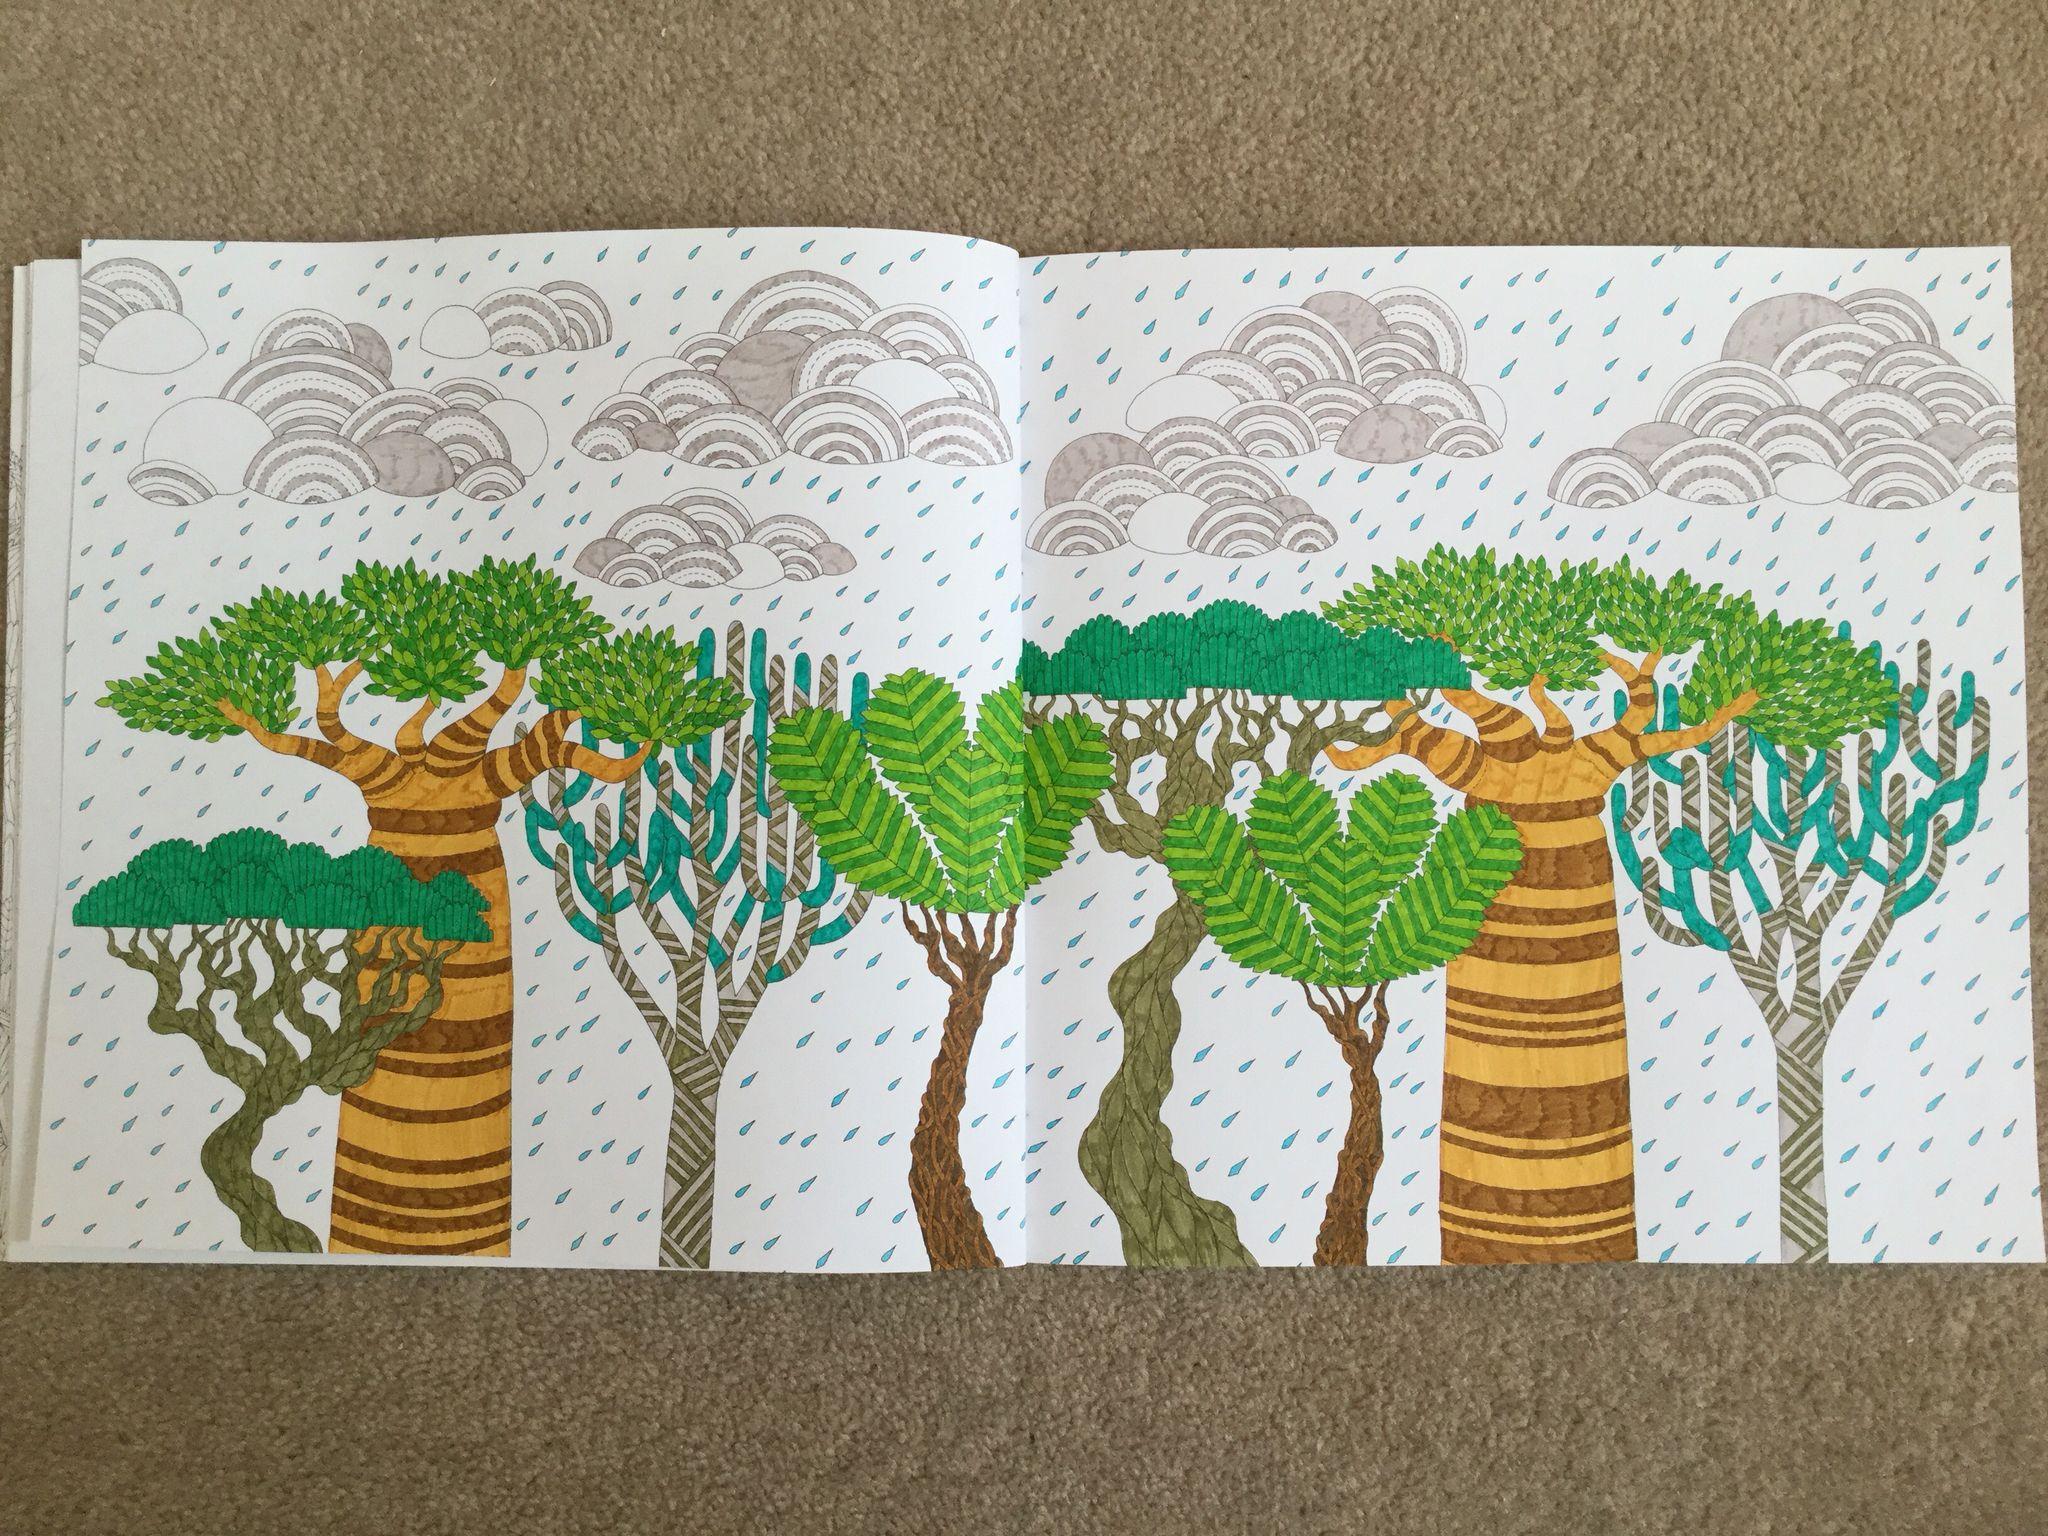 Raining on trees - Wild Savannah Book, Millie Marotta   Millie ...